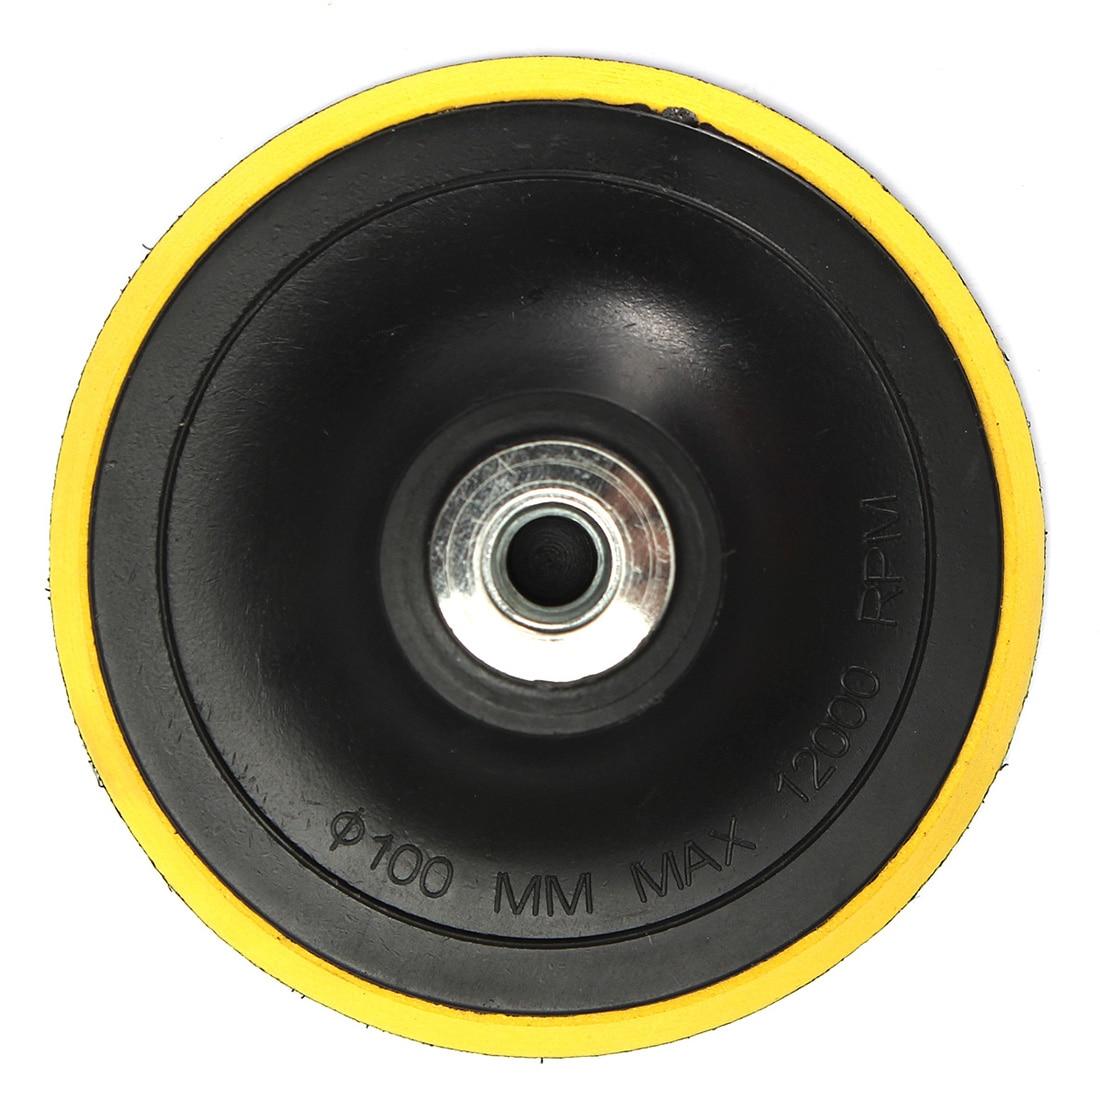 Polishing Pad Backing Pad Sanding Pad Pads M14 For Polishing Machine New K1 Thread